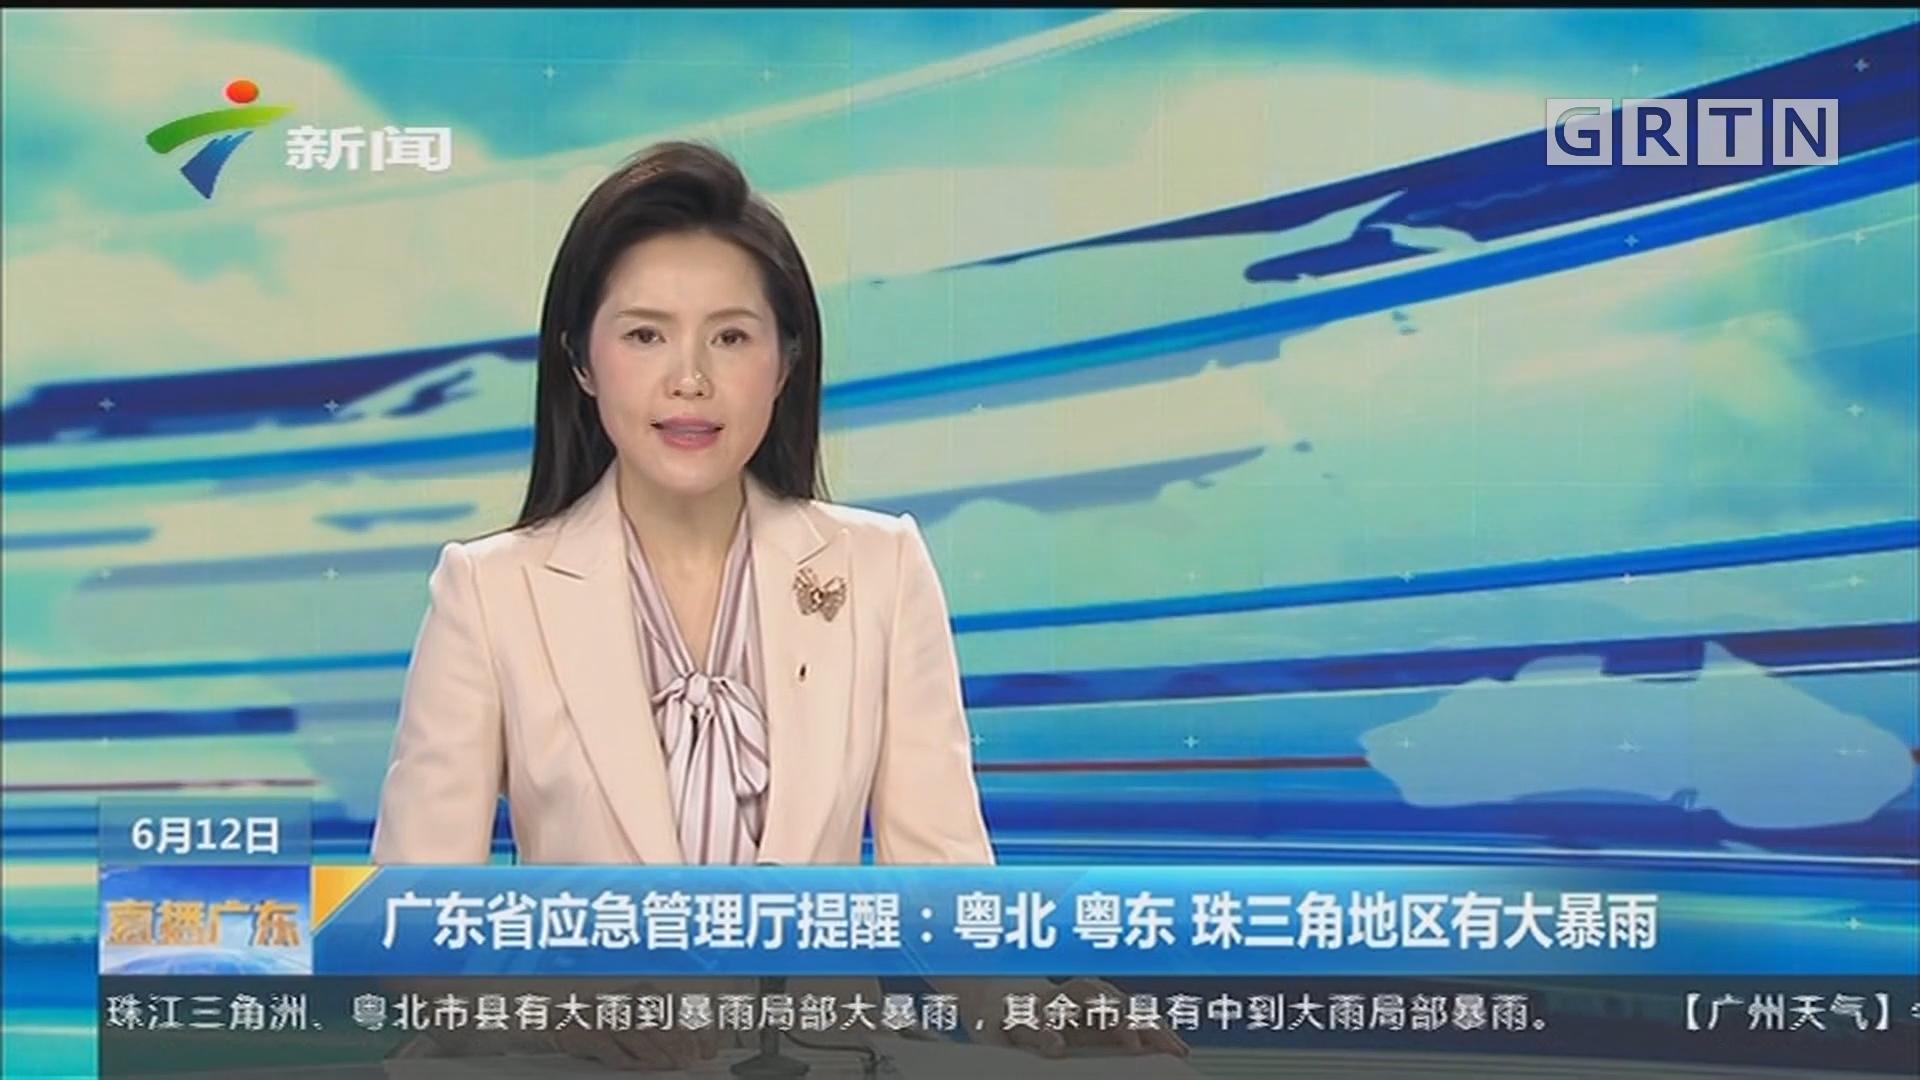 manbetx手机版 - 登陆省应急管理厅提醒:粤北 粤东 珠三角地区有大暴雨